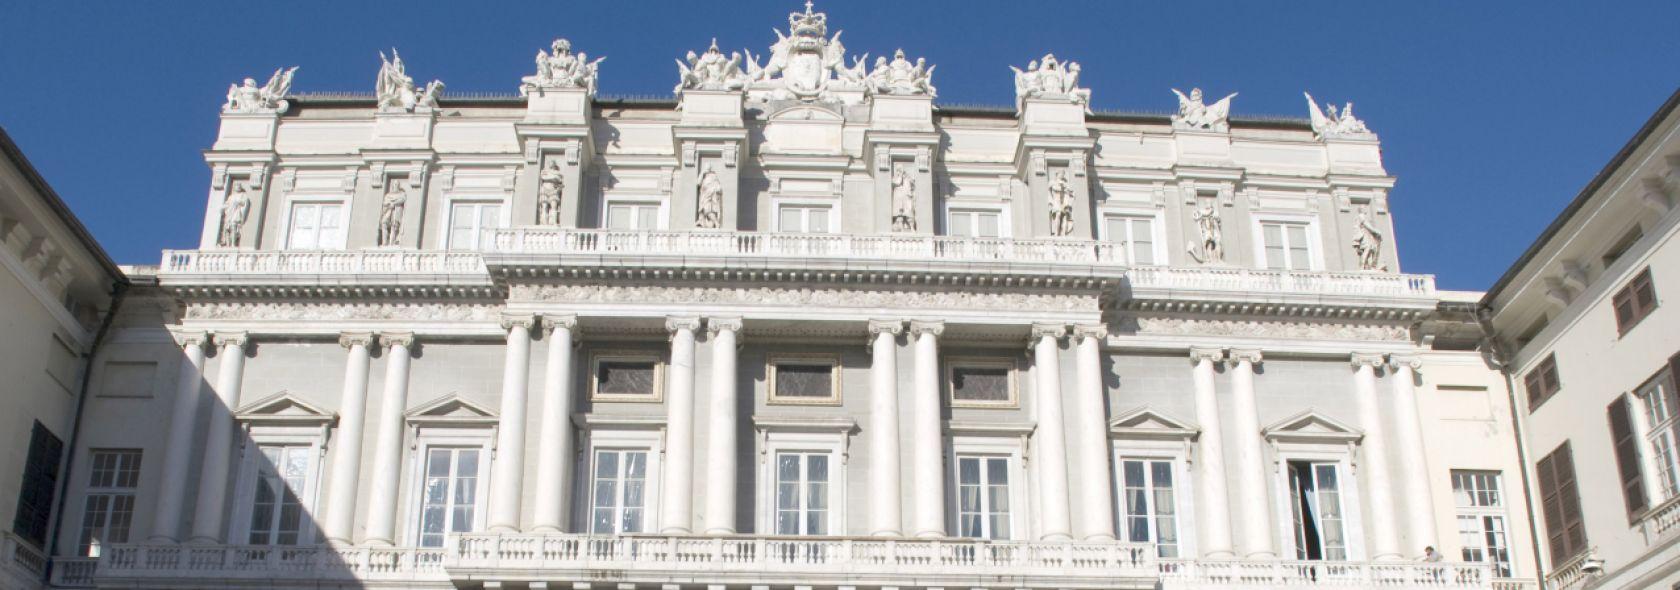 Facciata di Palazzo Ducale - Foto Ufficio Comunicazione Città Metropolitana di G